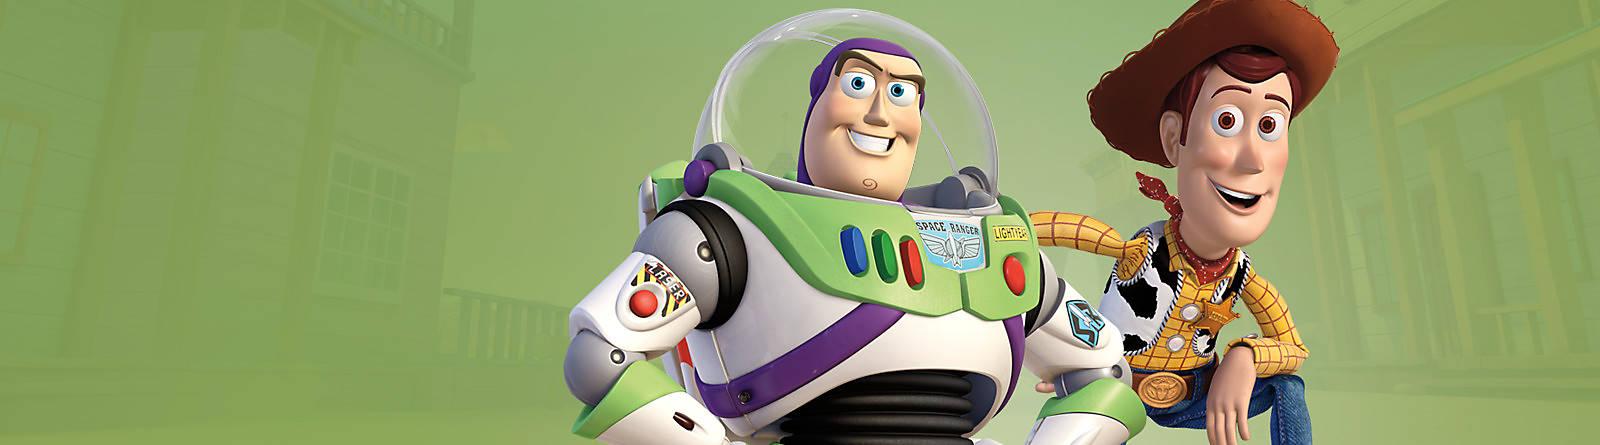 Productos De Los Personajes De Toy Story Shop Disney